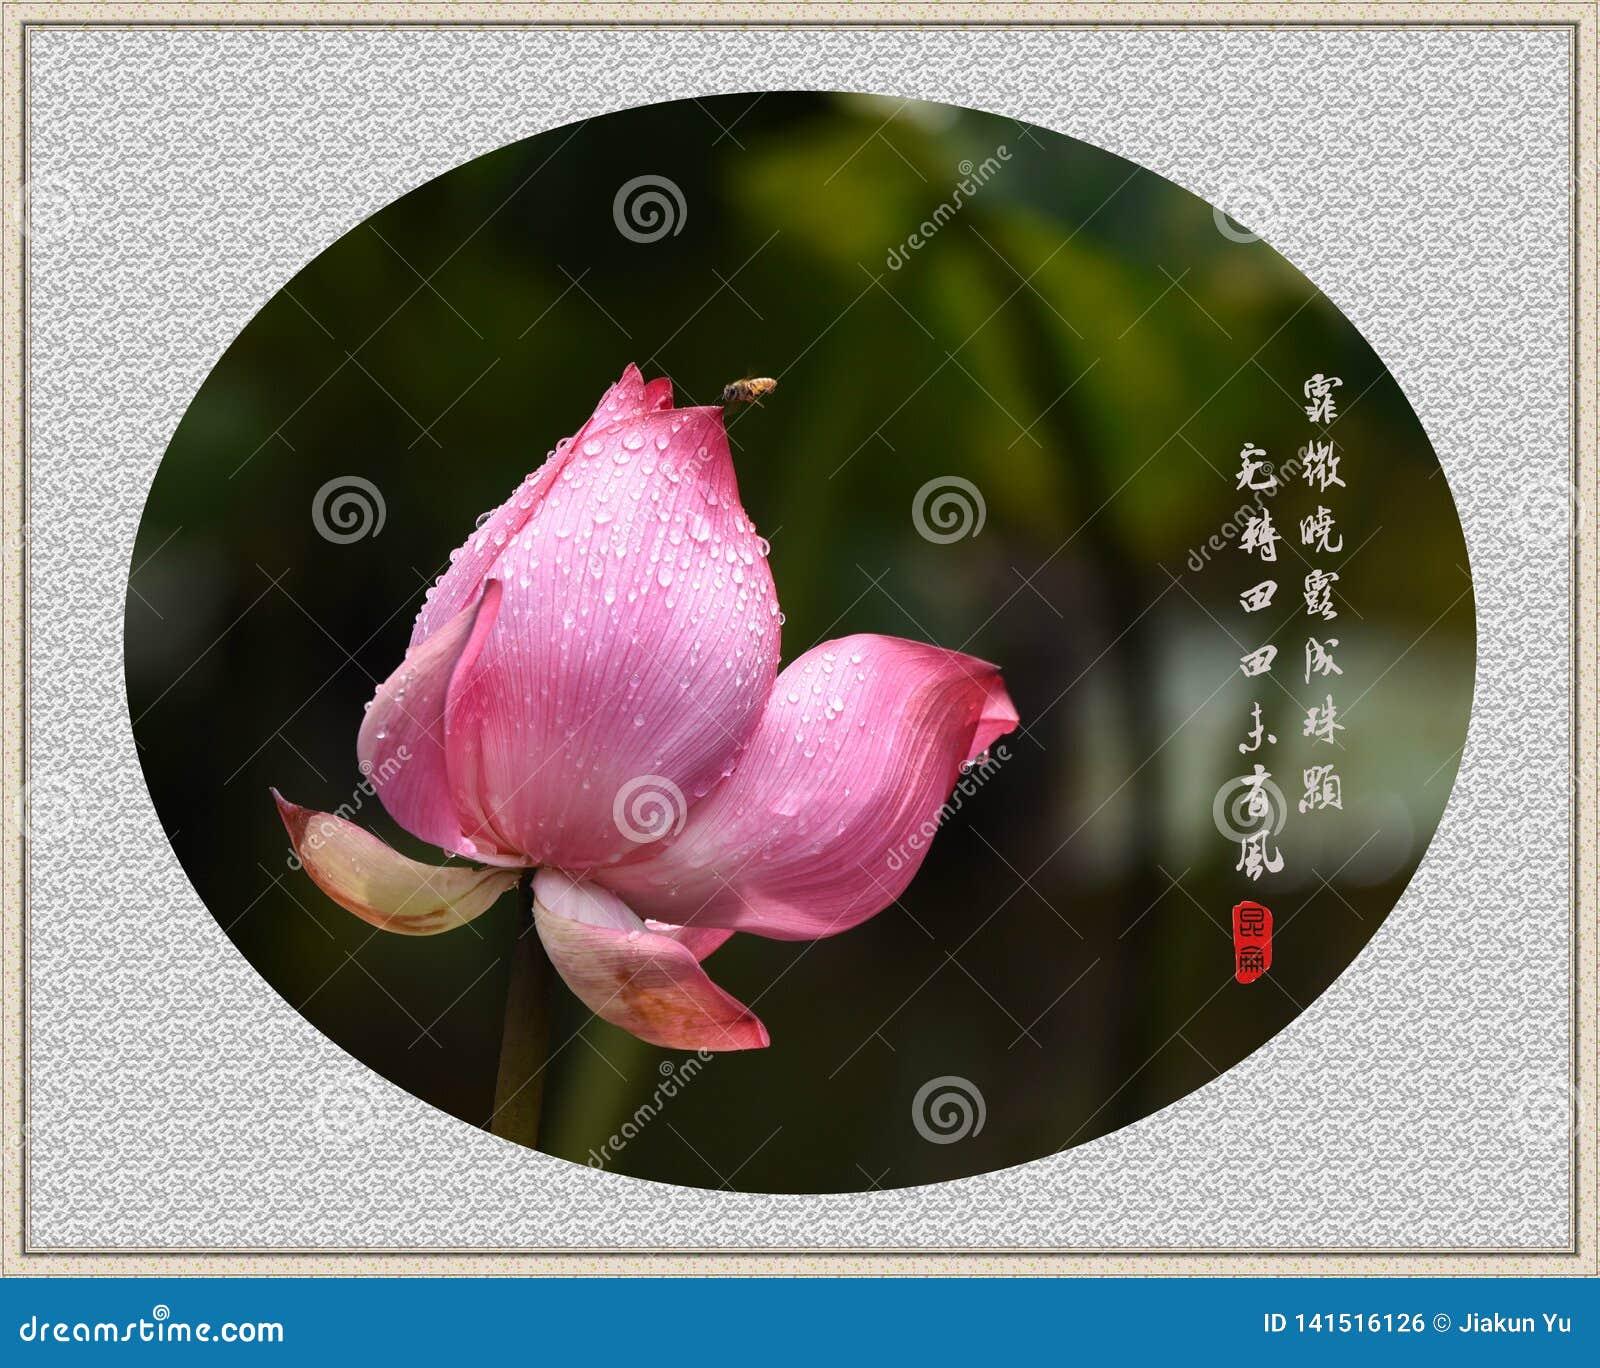 Lotus et abeille avec la poésie chinoise classique, style de peinture de chinois traditionnel